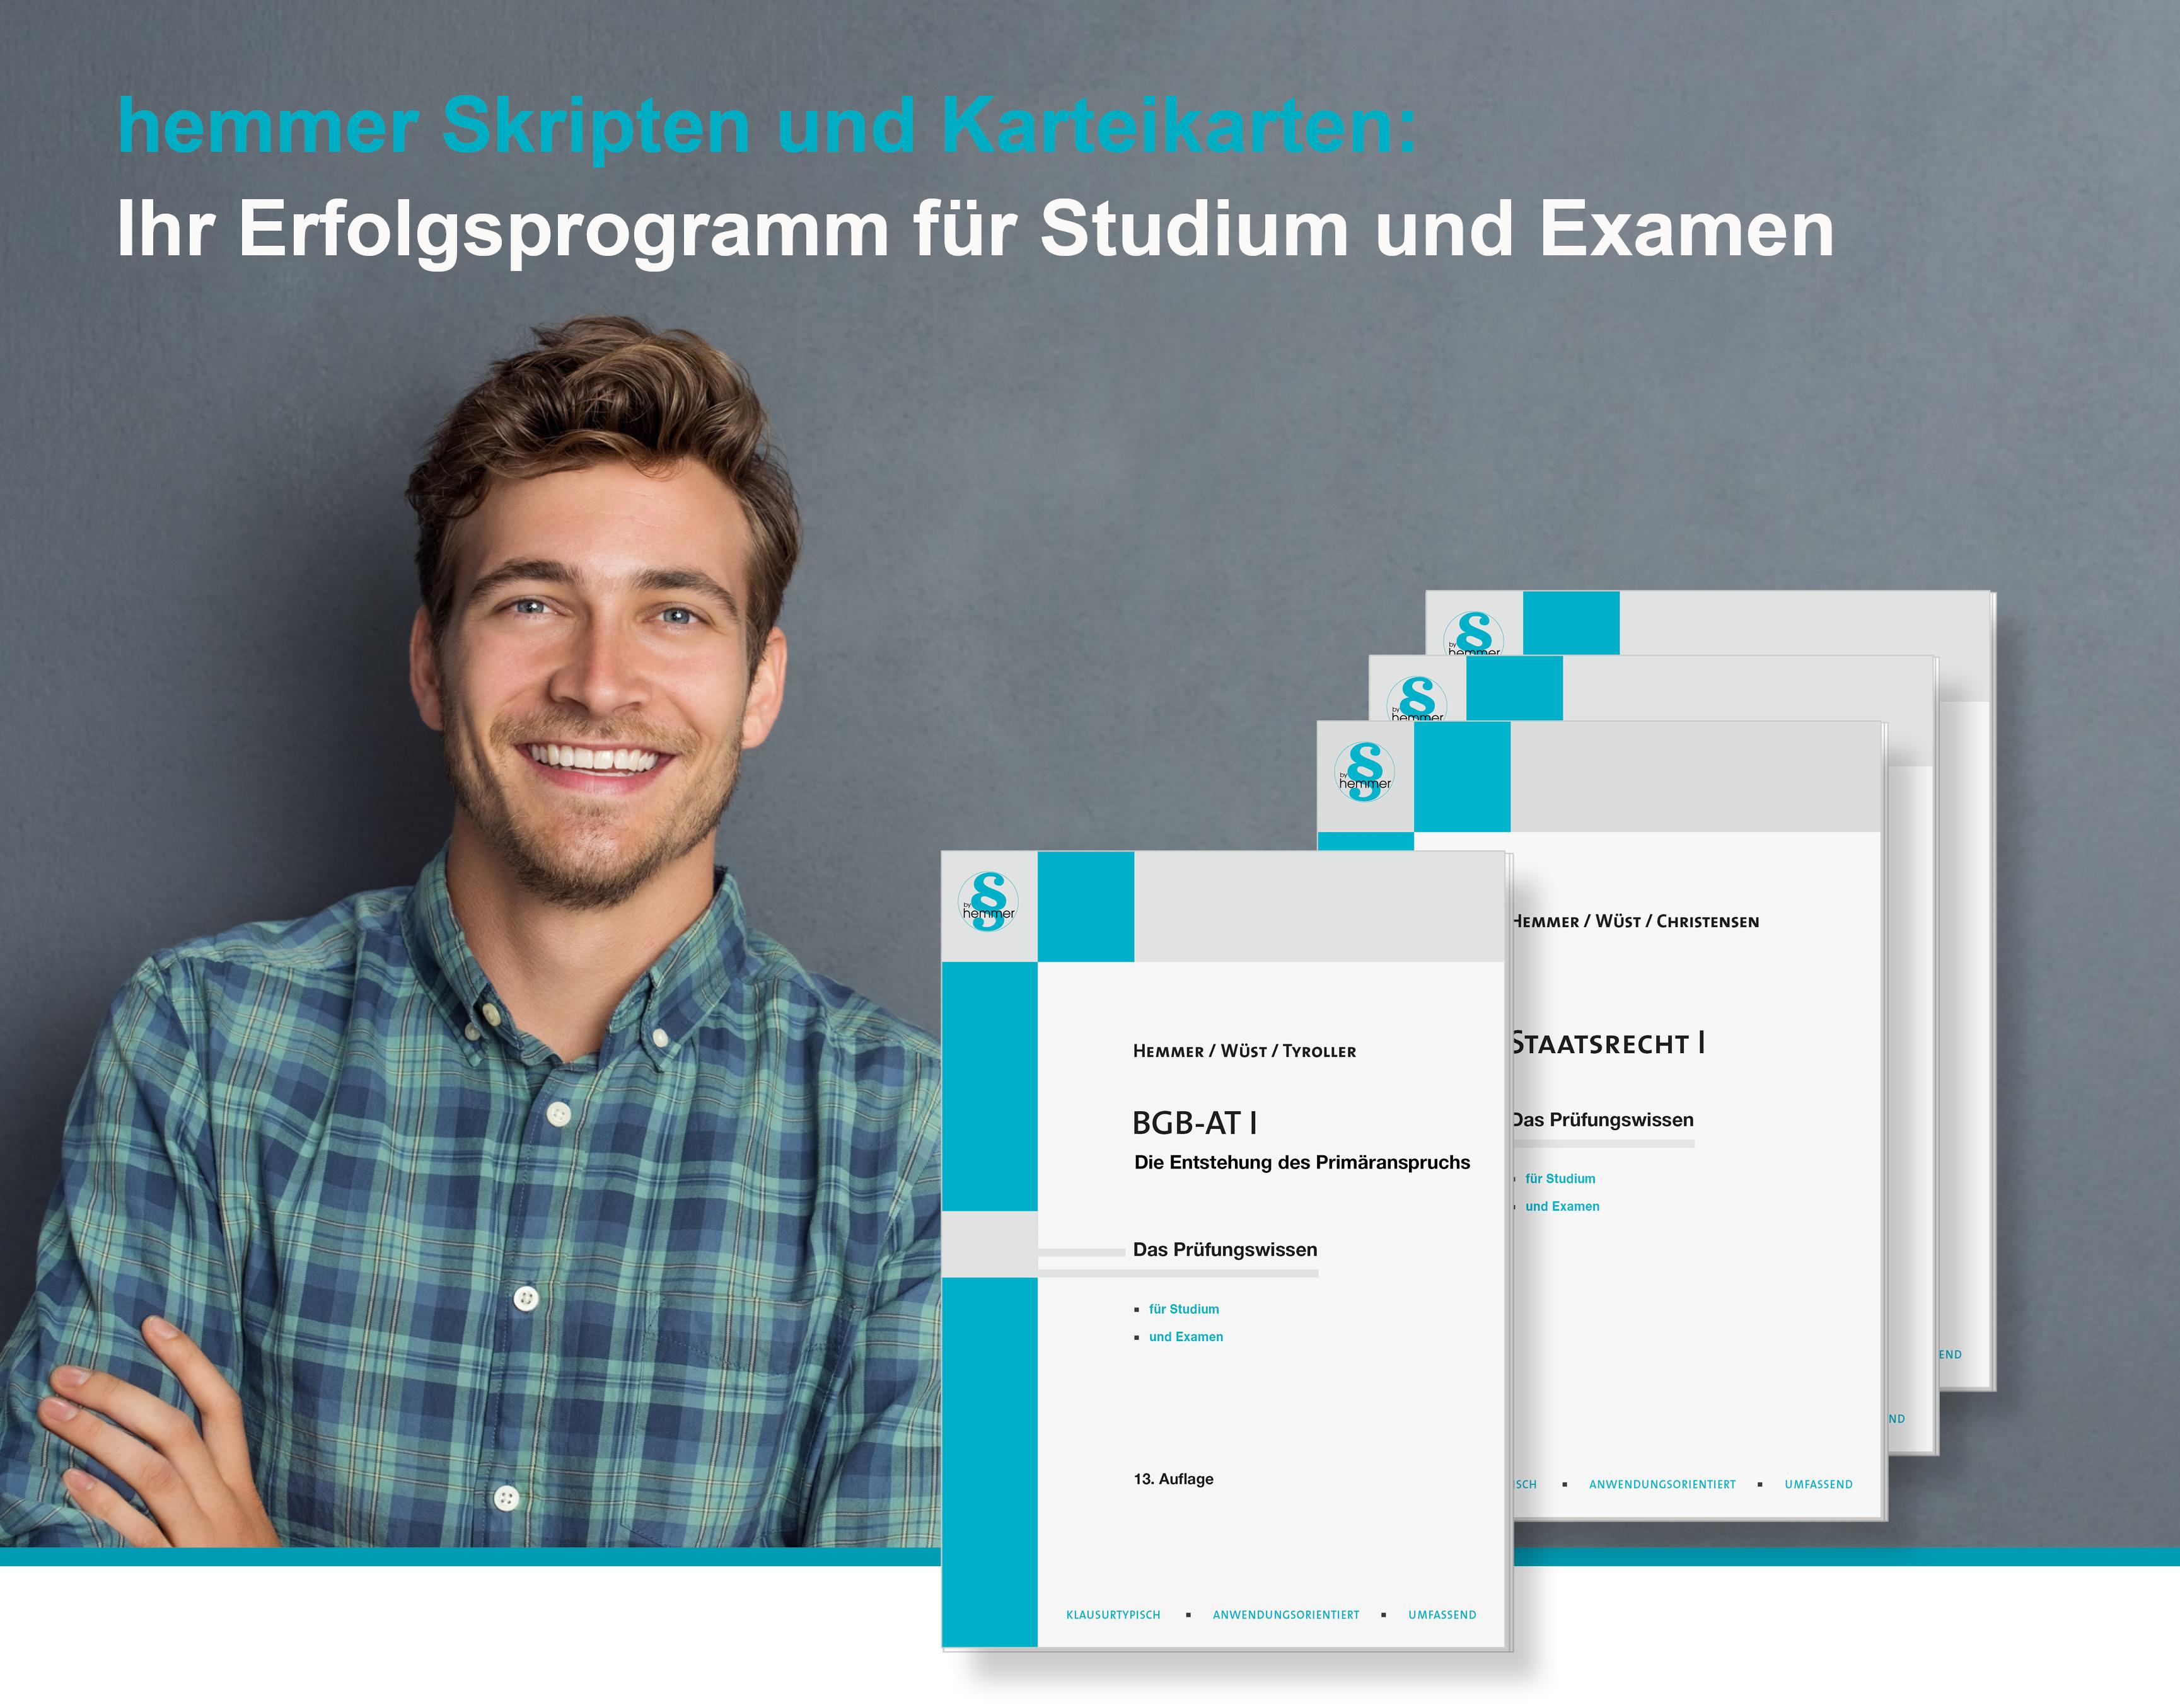 Herzlich willkommen im hemmer-shop. Juristischer Fachverlag hemmer/wüst.